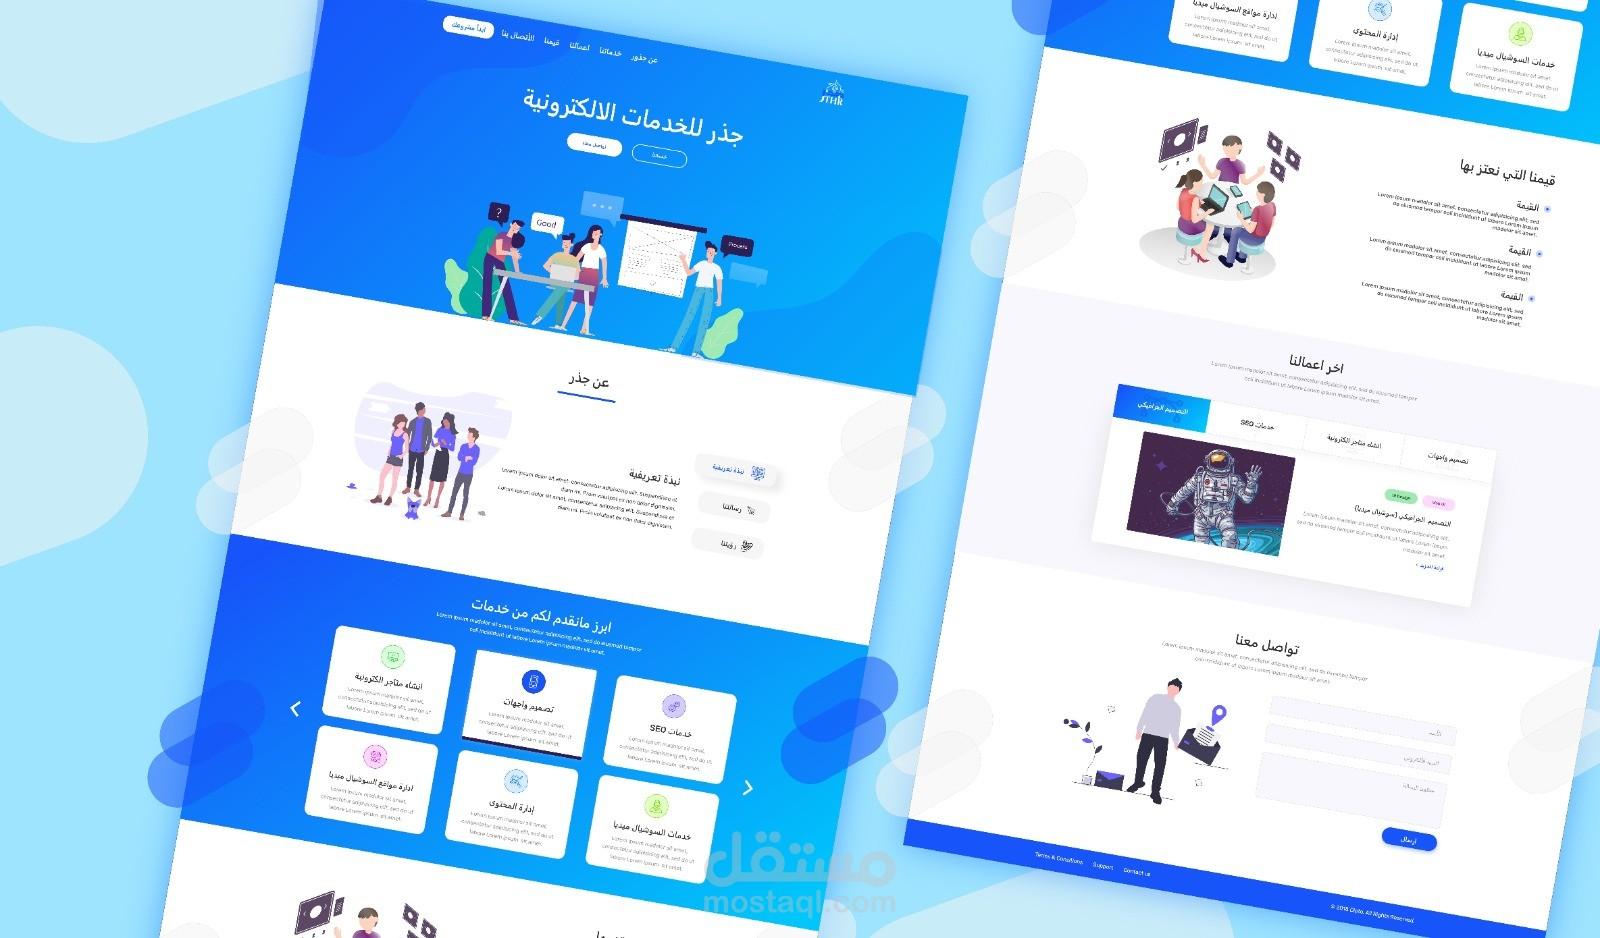 تصميم موقع للخدمات الألكترونية